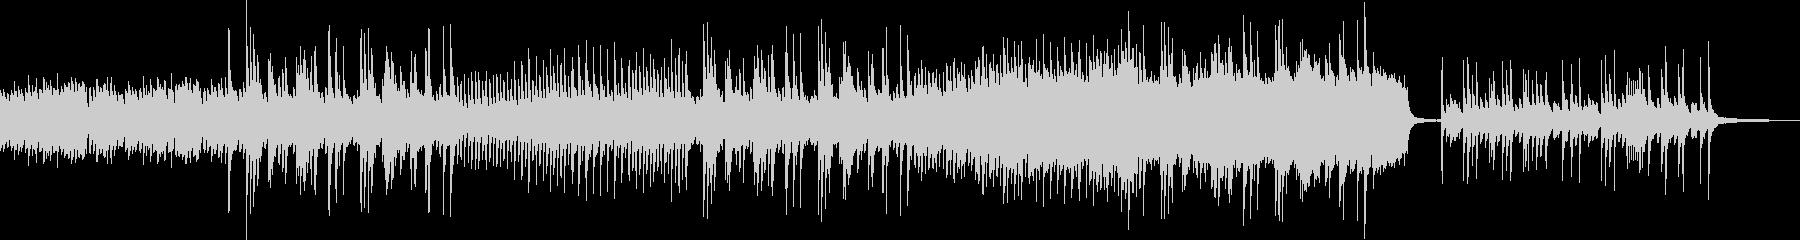 少々切ないピアノ&ストリングスの未再生の波形